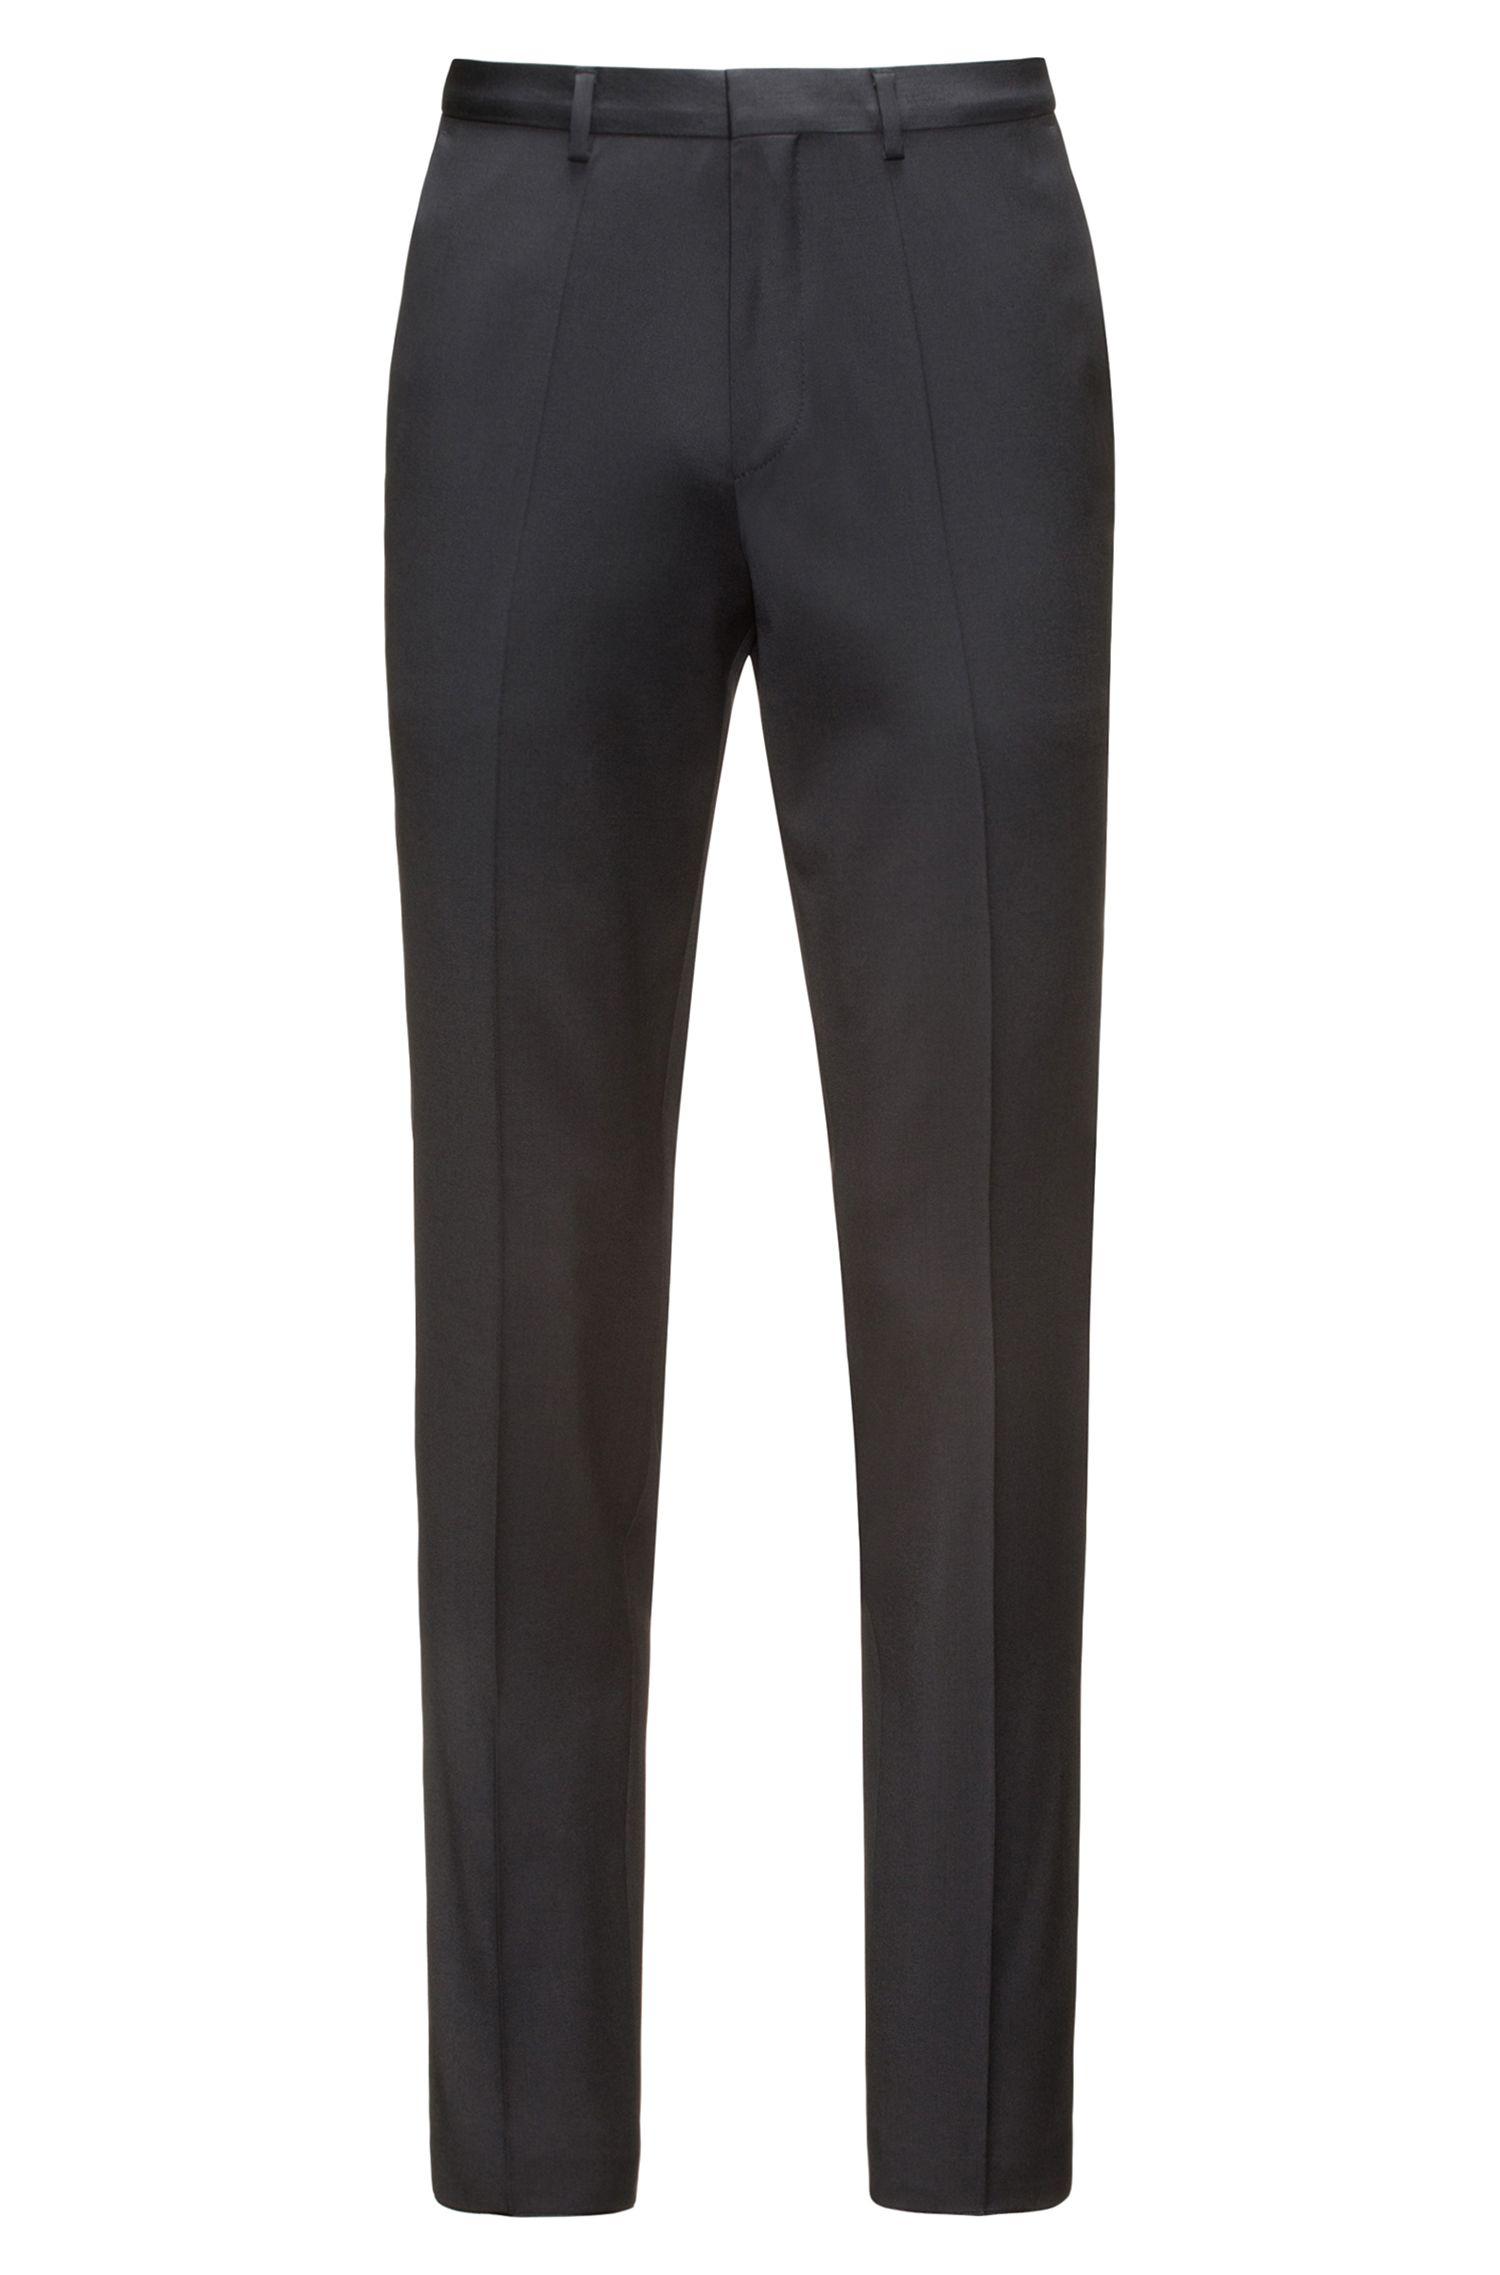 Pantaloni extra slim fit in twill di lana vergine con elasticità naturale